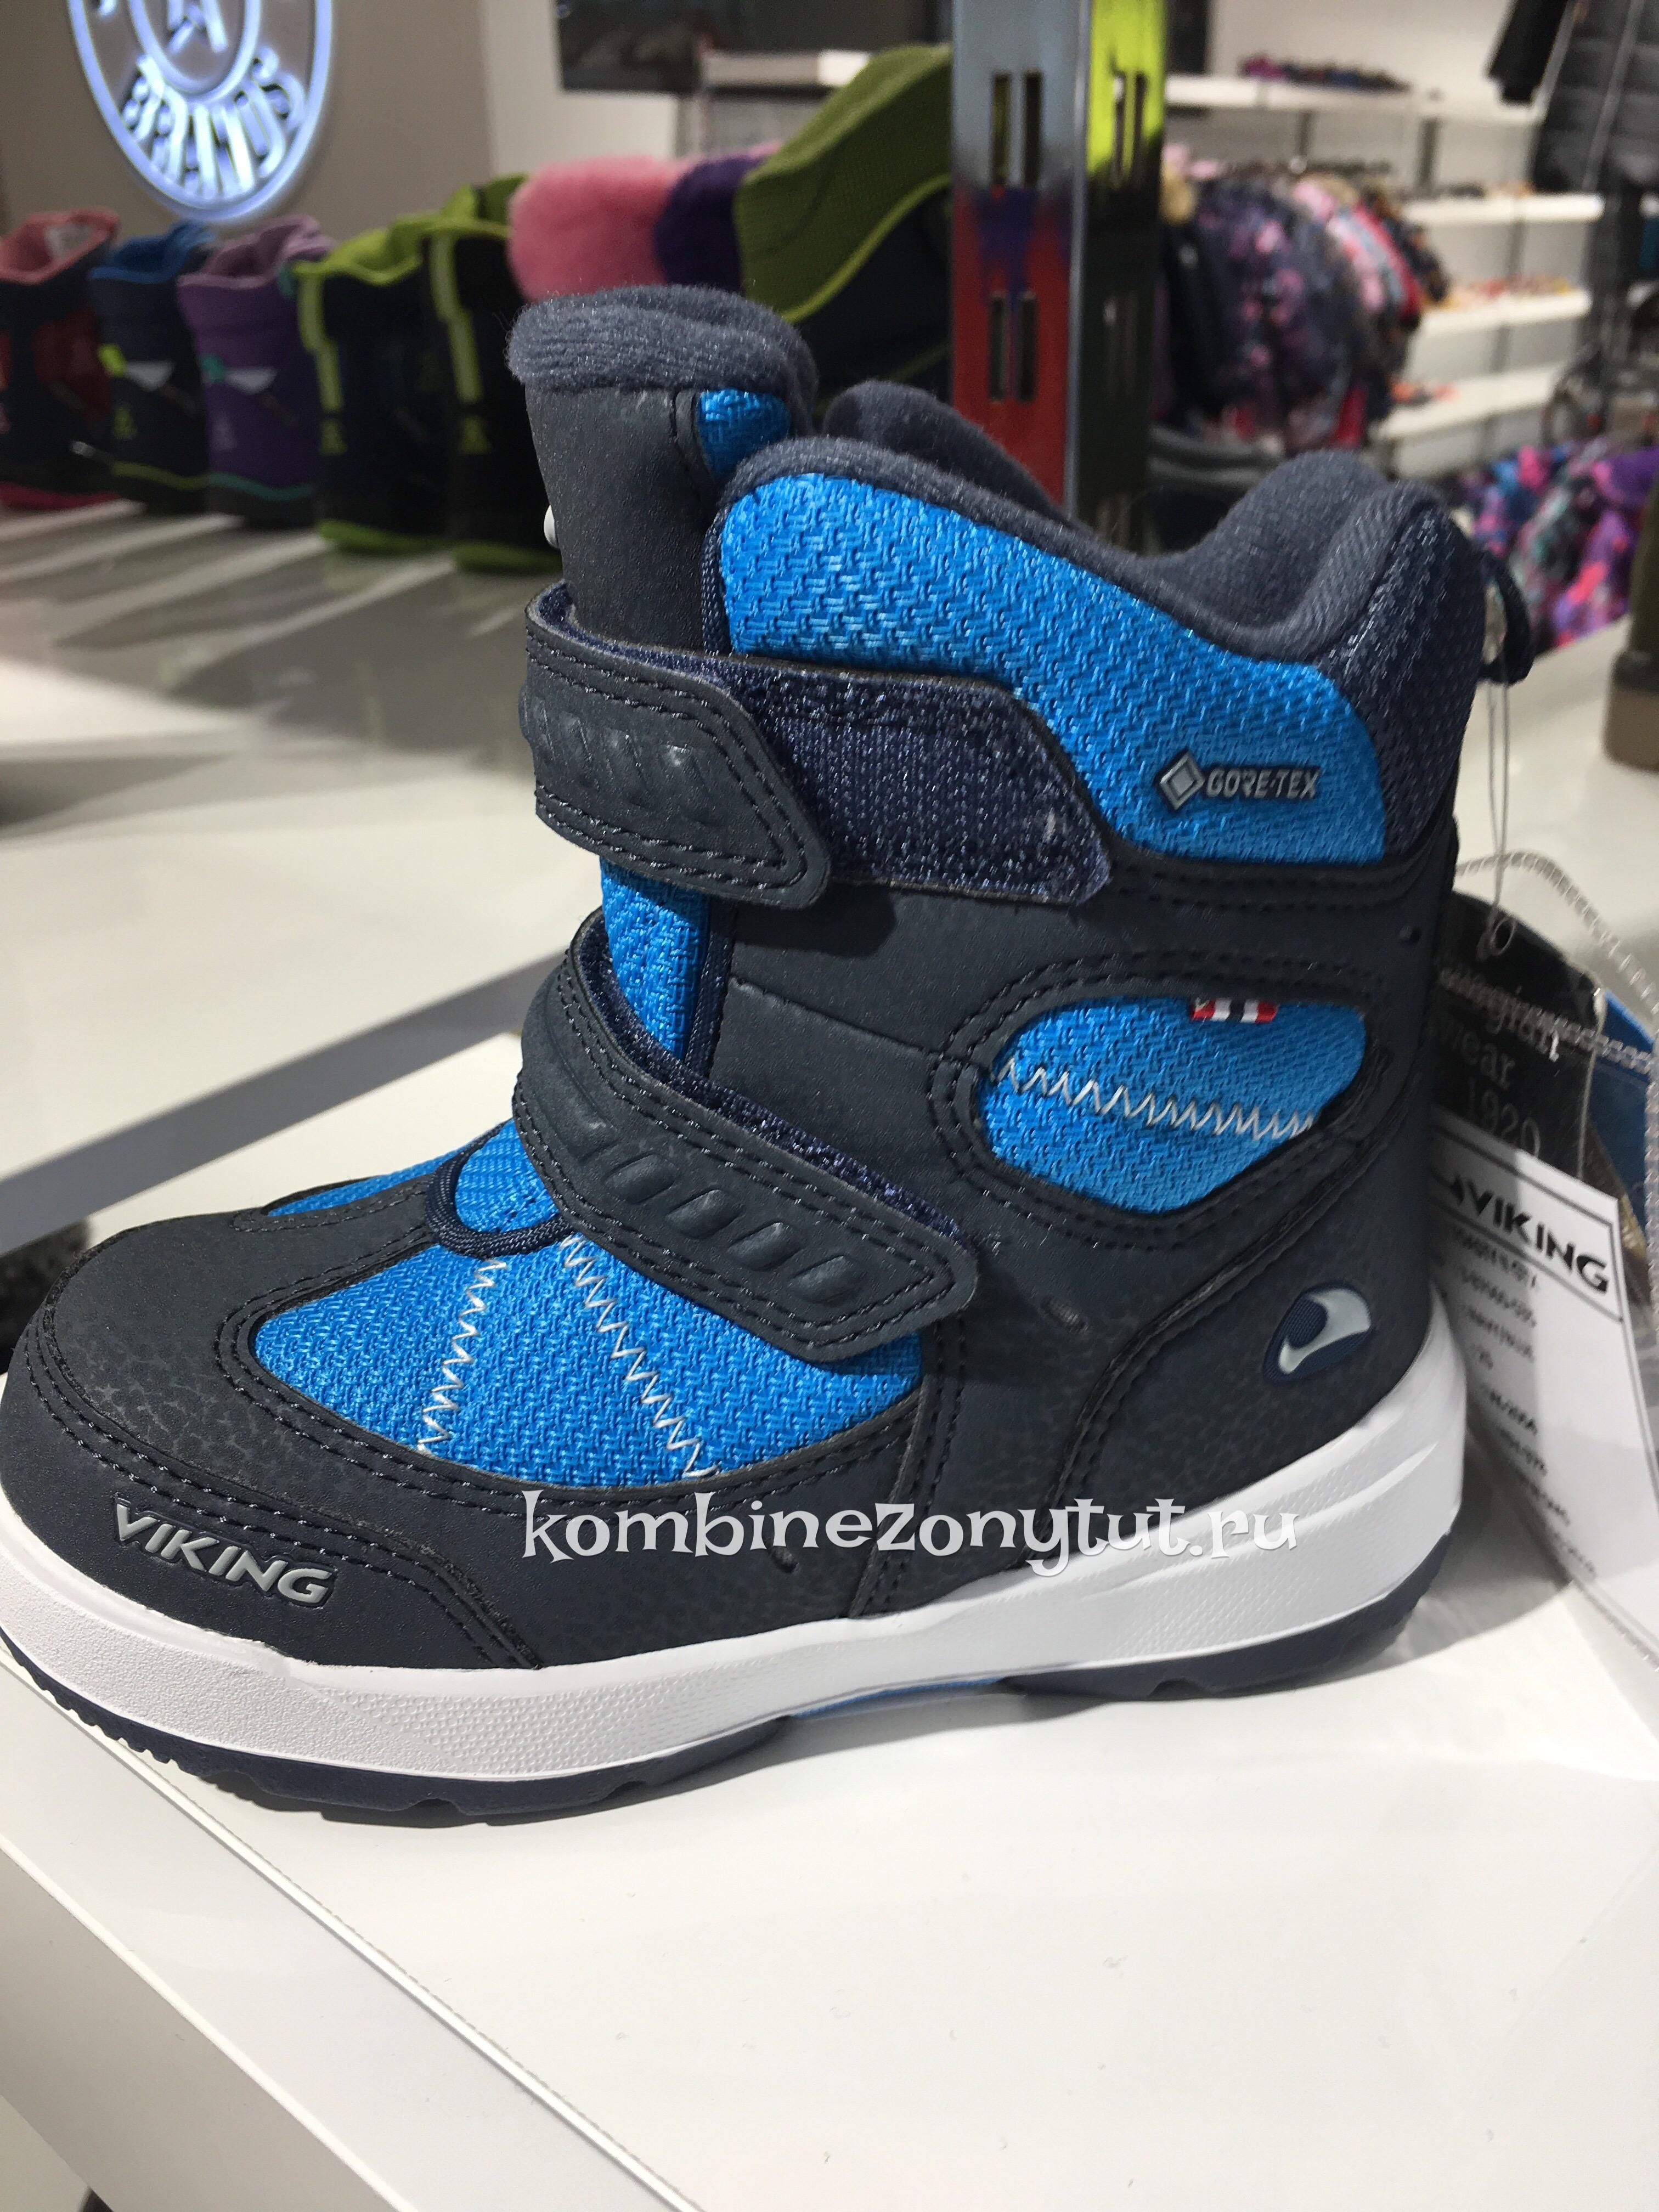 детская обувь Viking, купить Викинг для ребенка